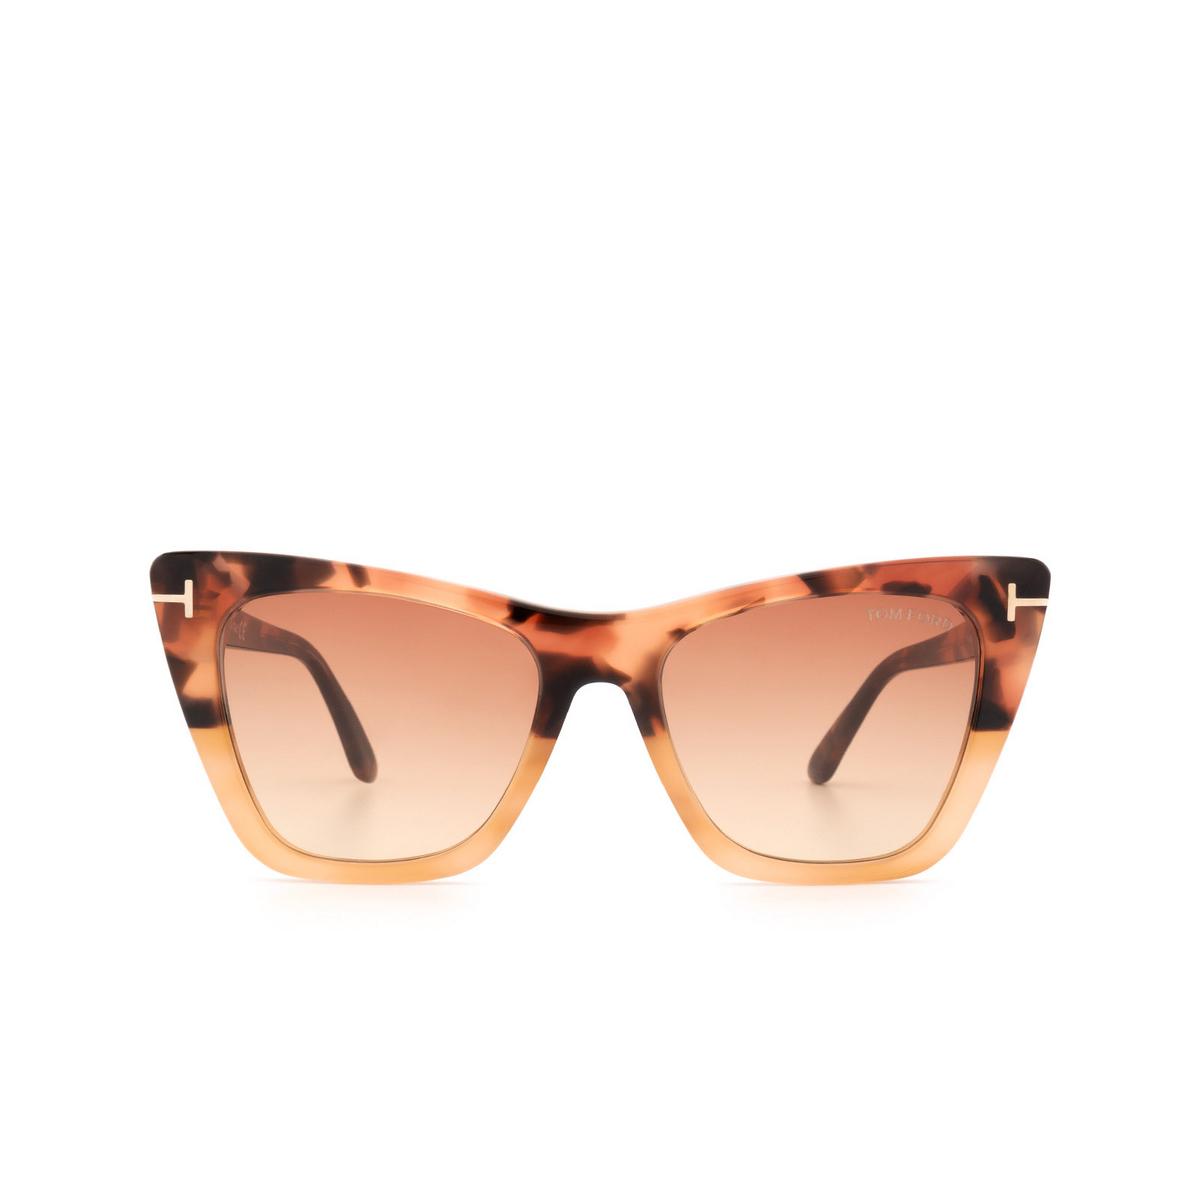 Tom Ford® Cat-eye Sunglasses: Poppy-02 FT0846 color Havana Gradient 56T.